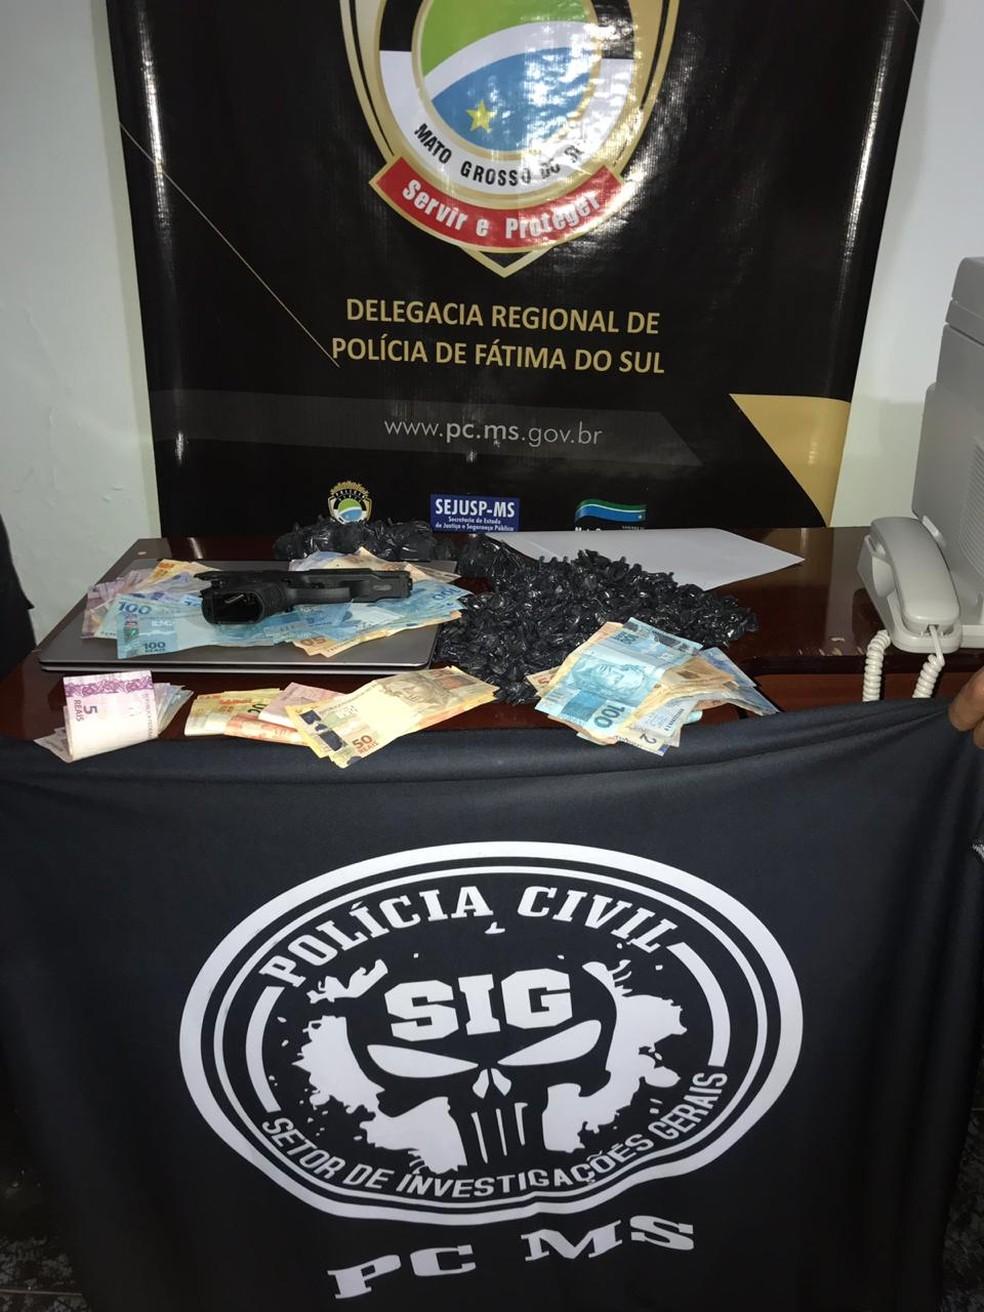 Drogas, pistola e R$ 8 mil em dinheiro e cheques foram apreendidos durante Operação Dolo, em MS. — Foto: Divulgação/Polícia Civil